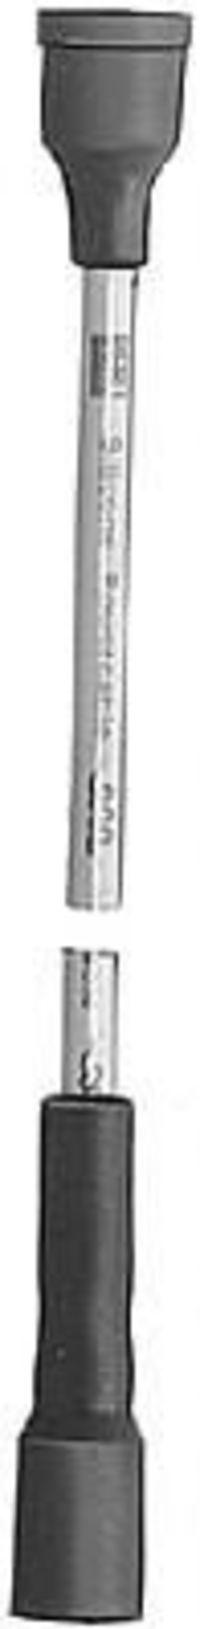 Провод зажигания BERU R46